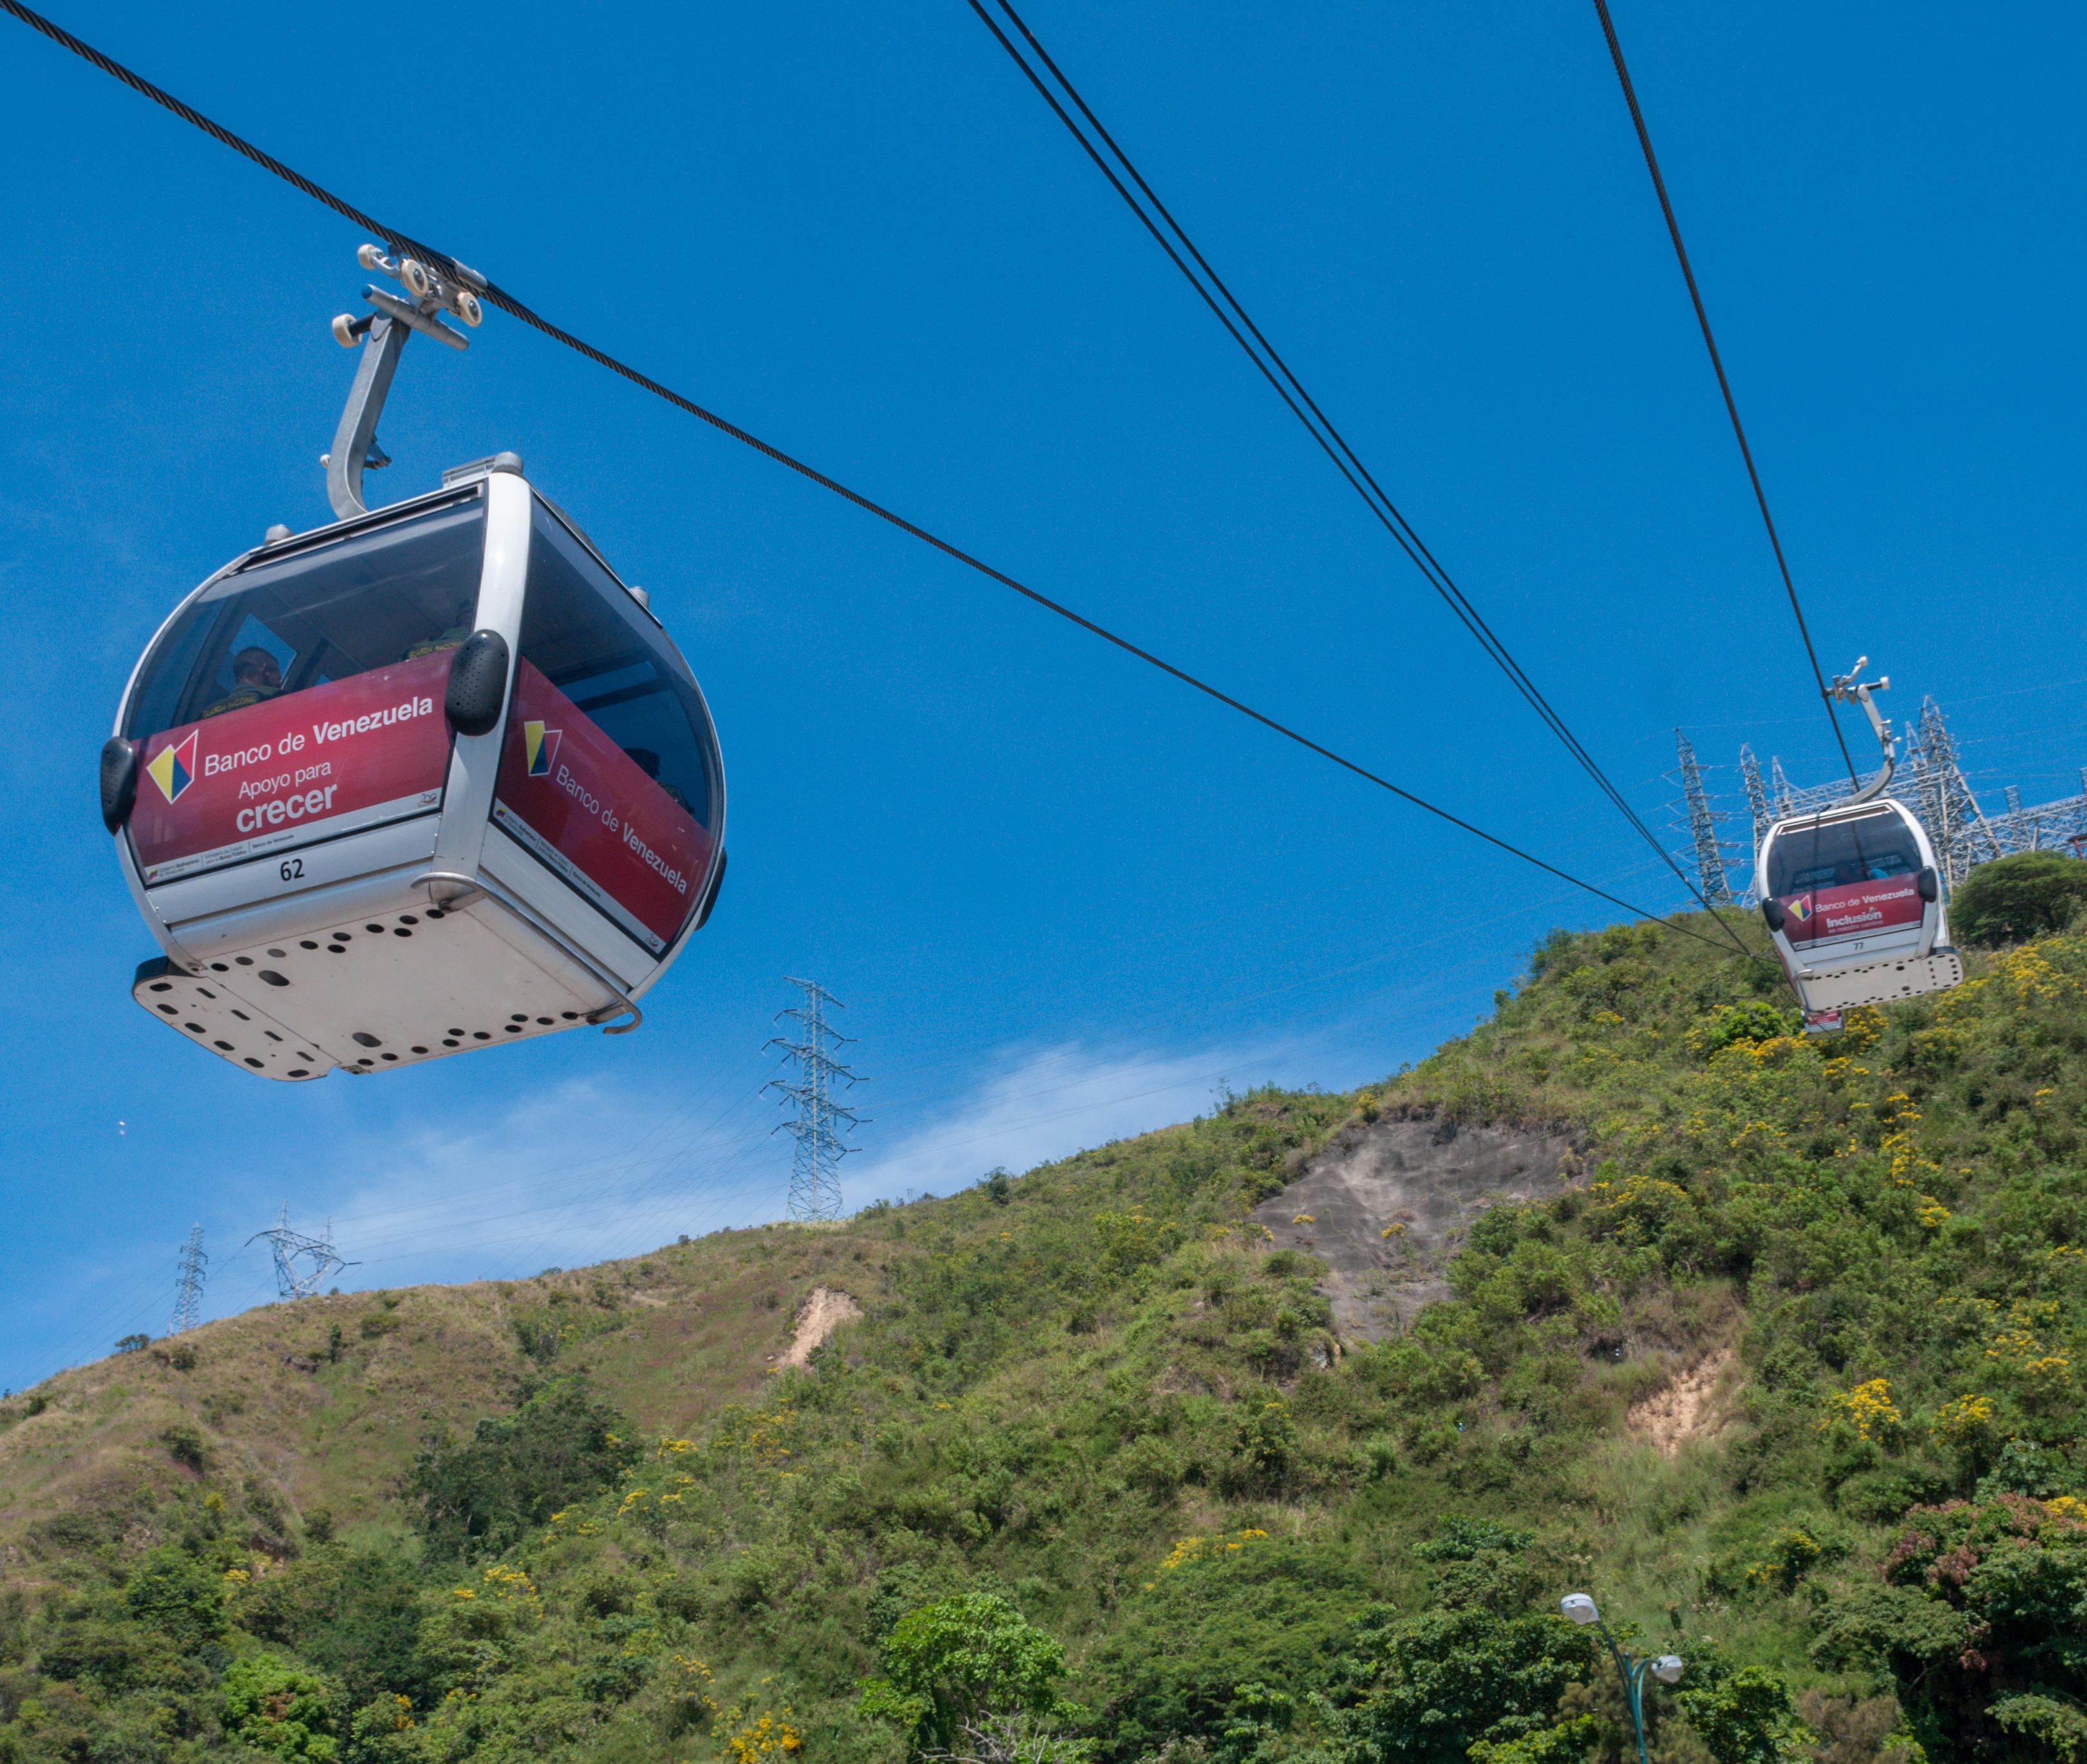 File:Teleférico de Caracas.jpg - Wikimedia Commons